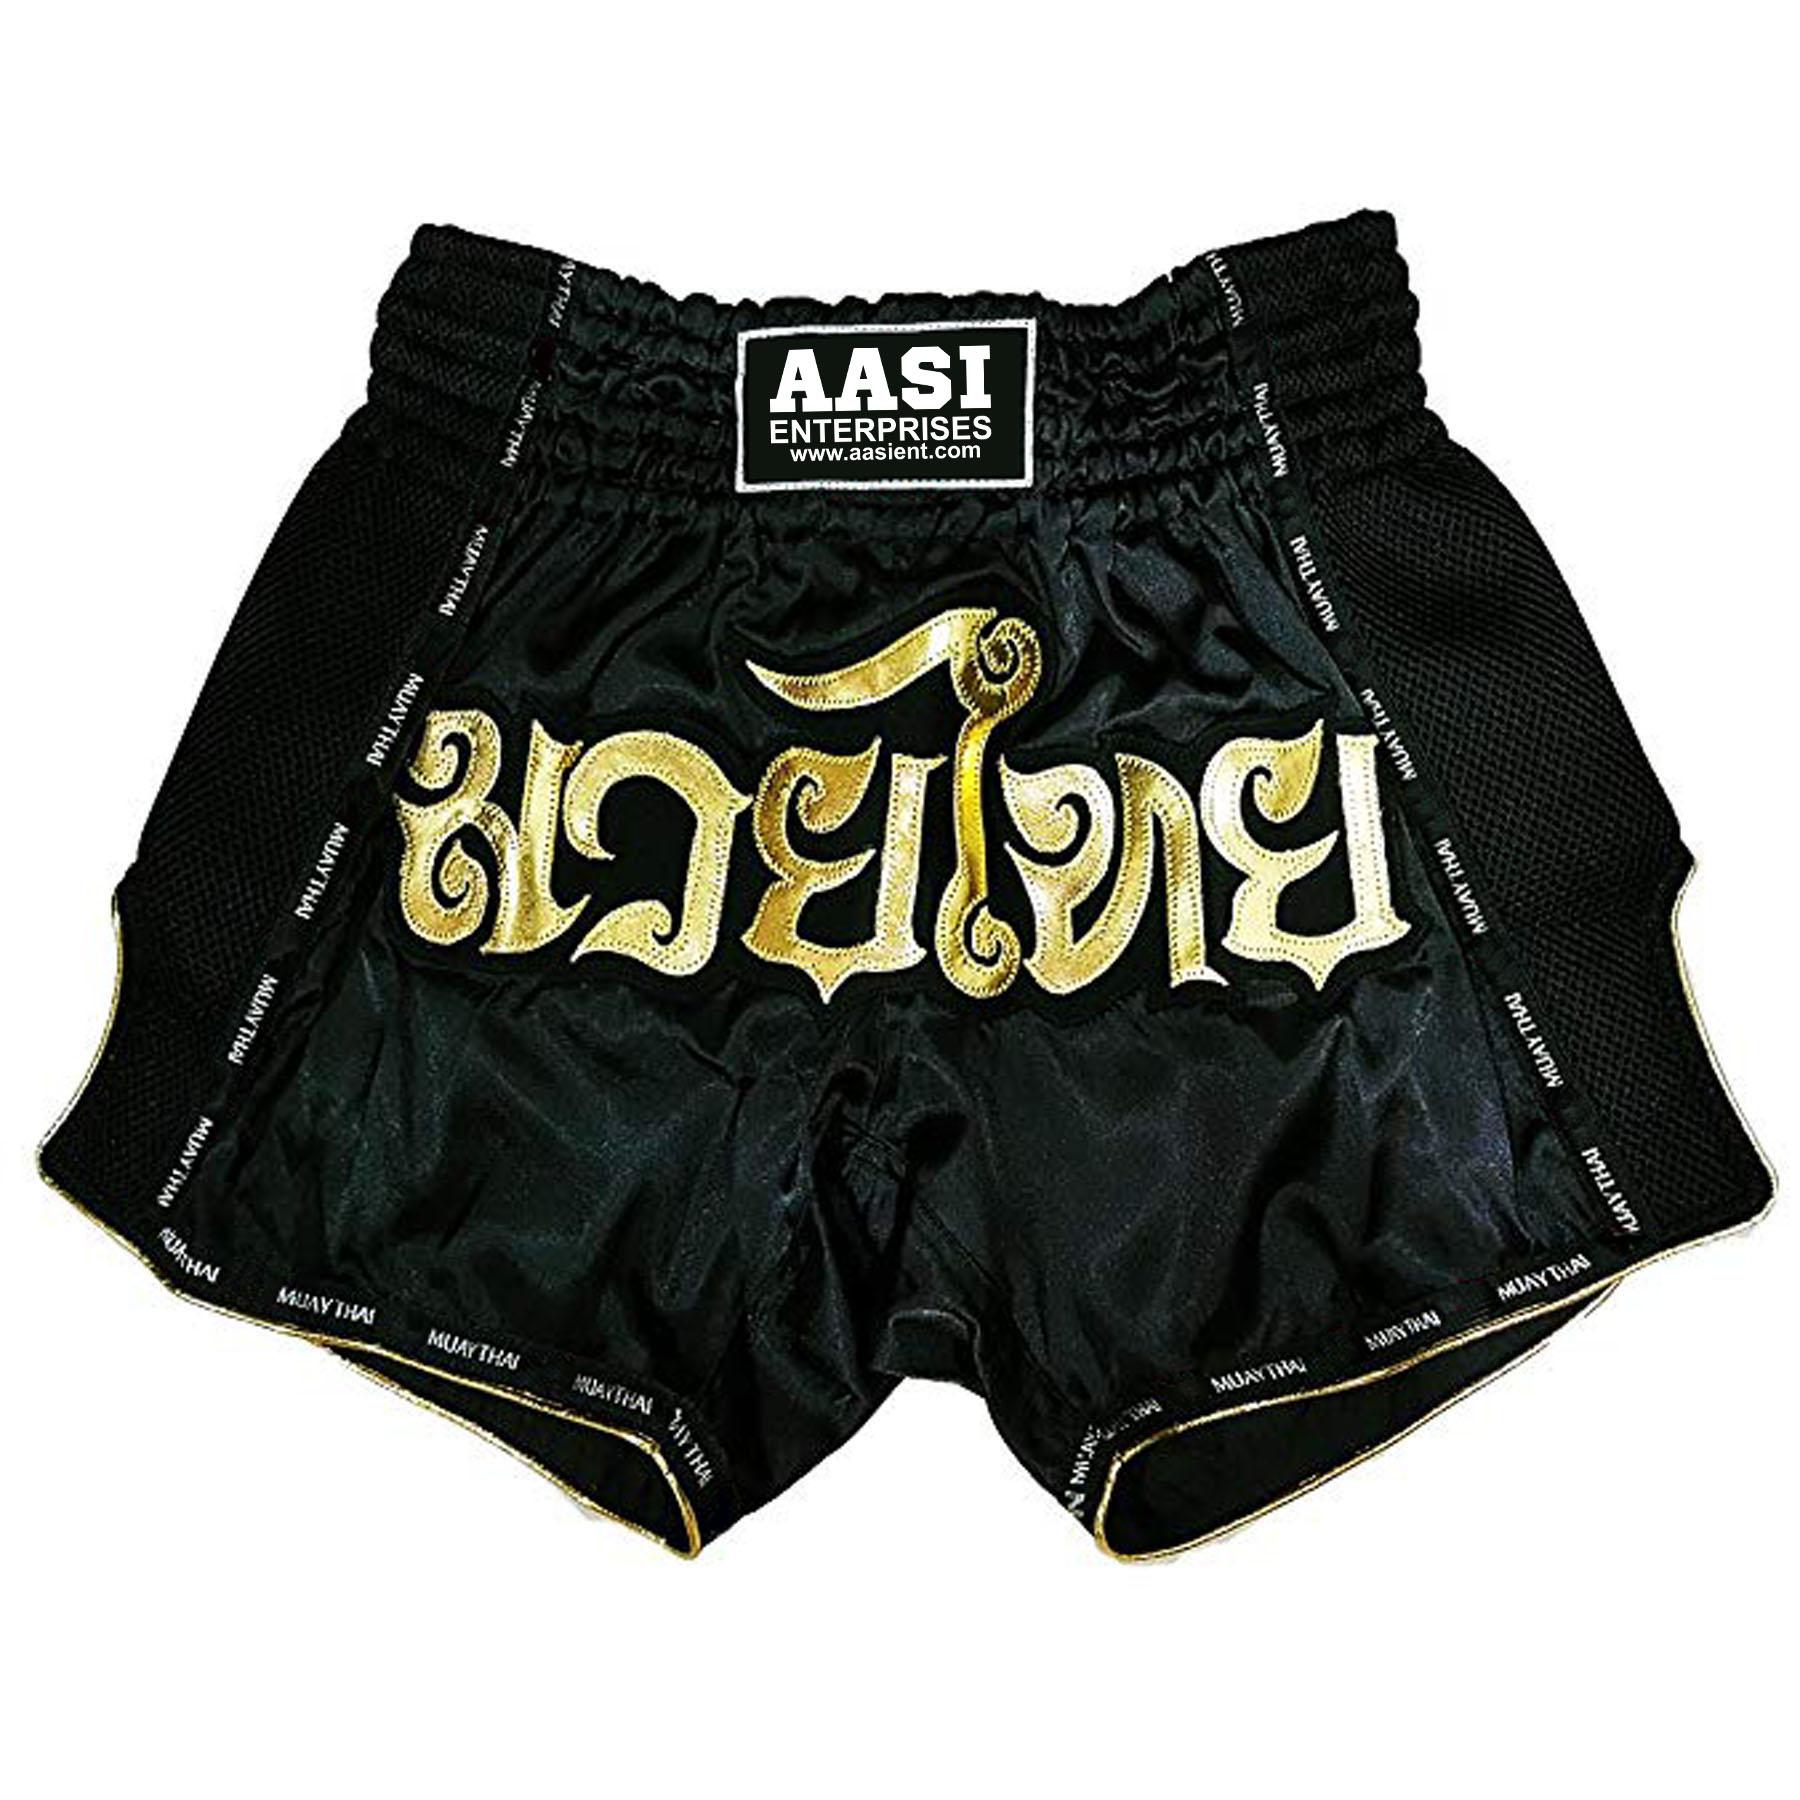 Calzoncillos muay thai boxeo calzoncillos cortos, boxeo